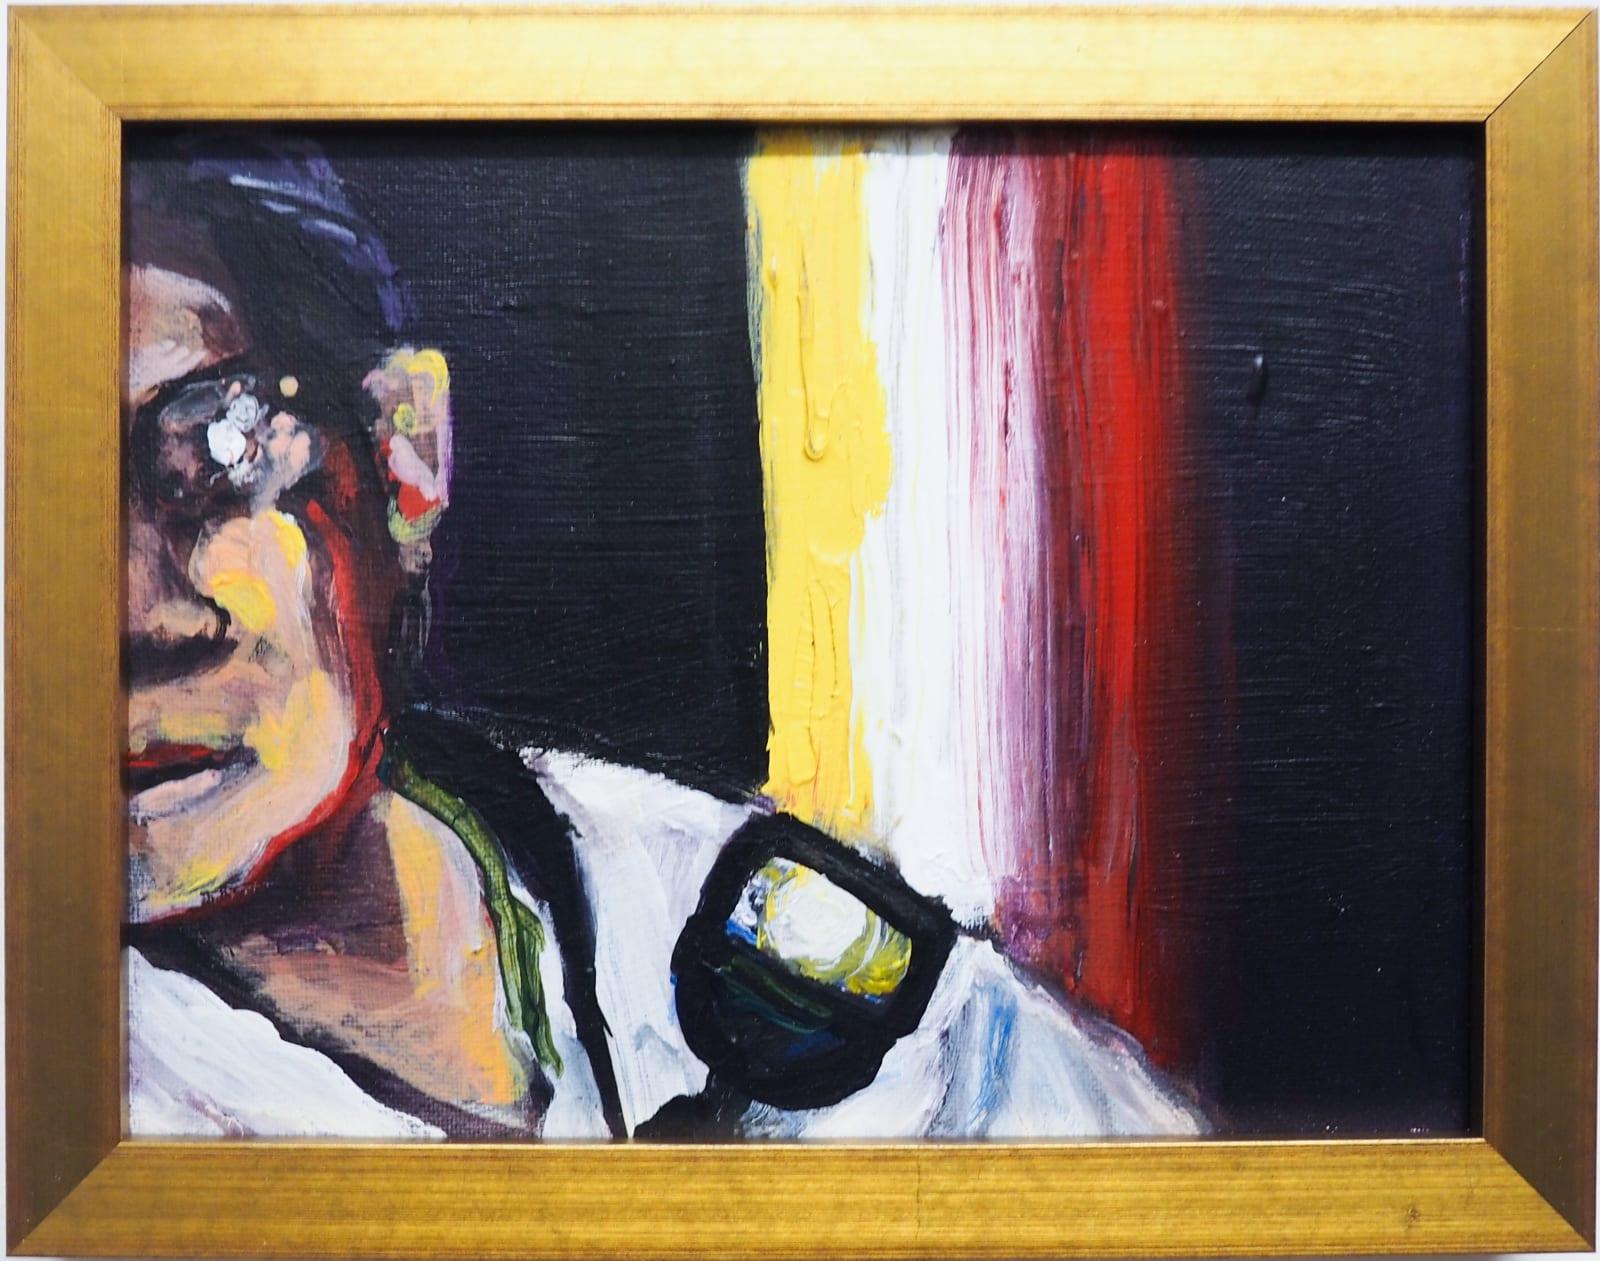 Yassine Balbzioui, half sight, 2018 Acrylic on canvas 17.5 x 22.5 cm (framed)